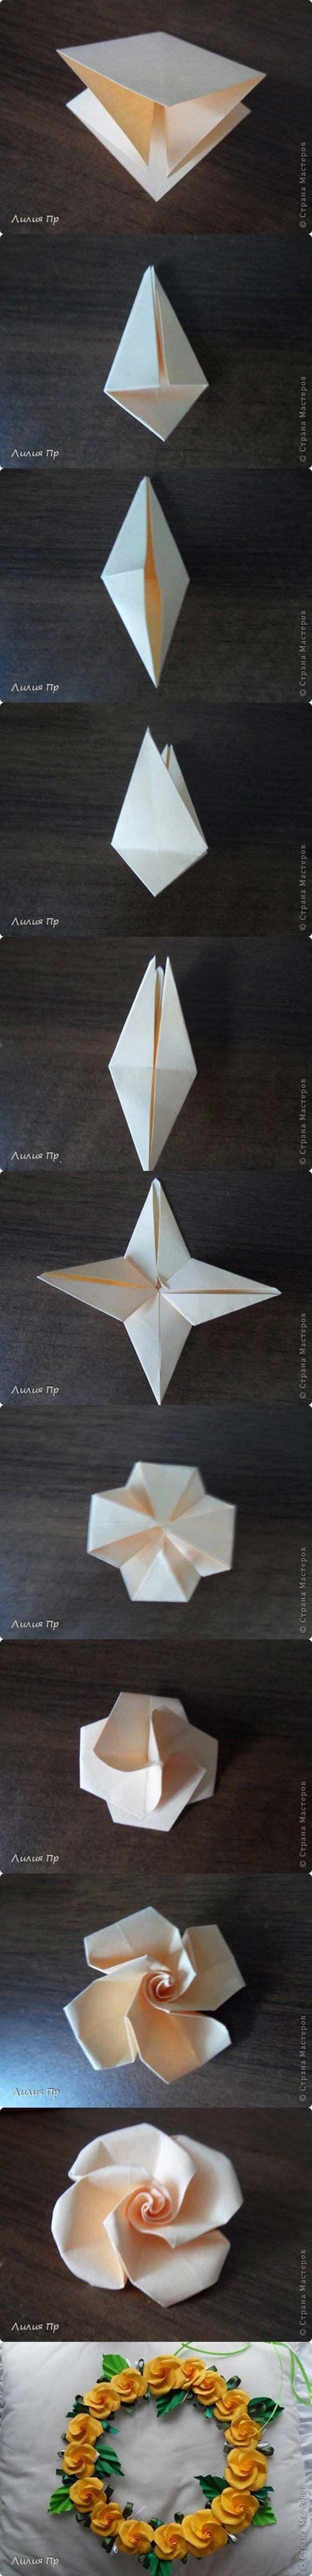 Beste Origami Tutorials – schöne Origami Rose – einfach DIY